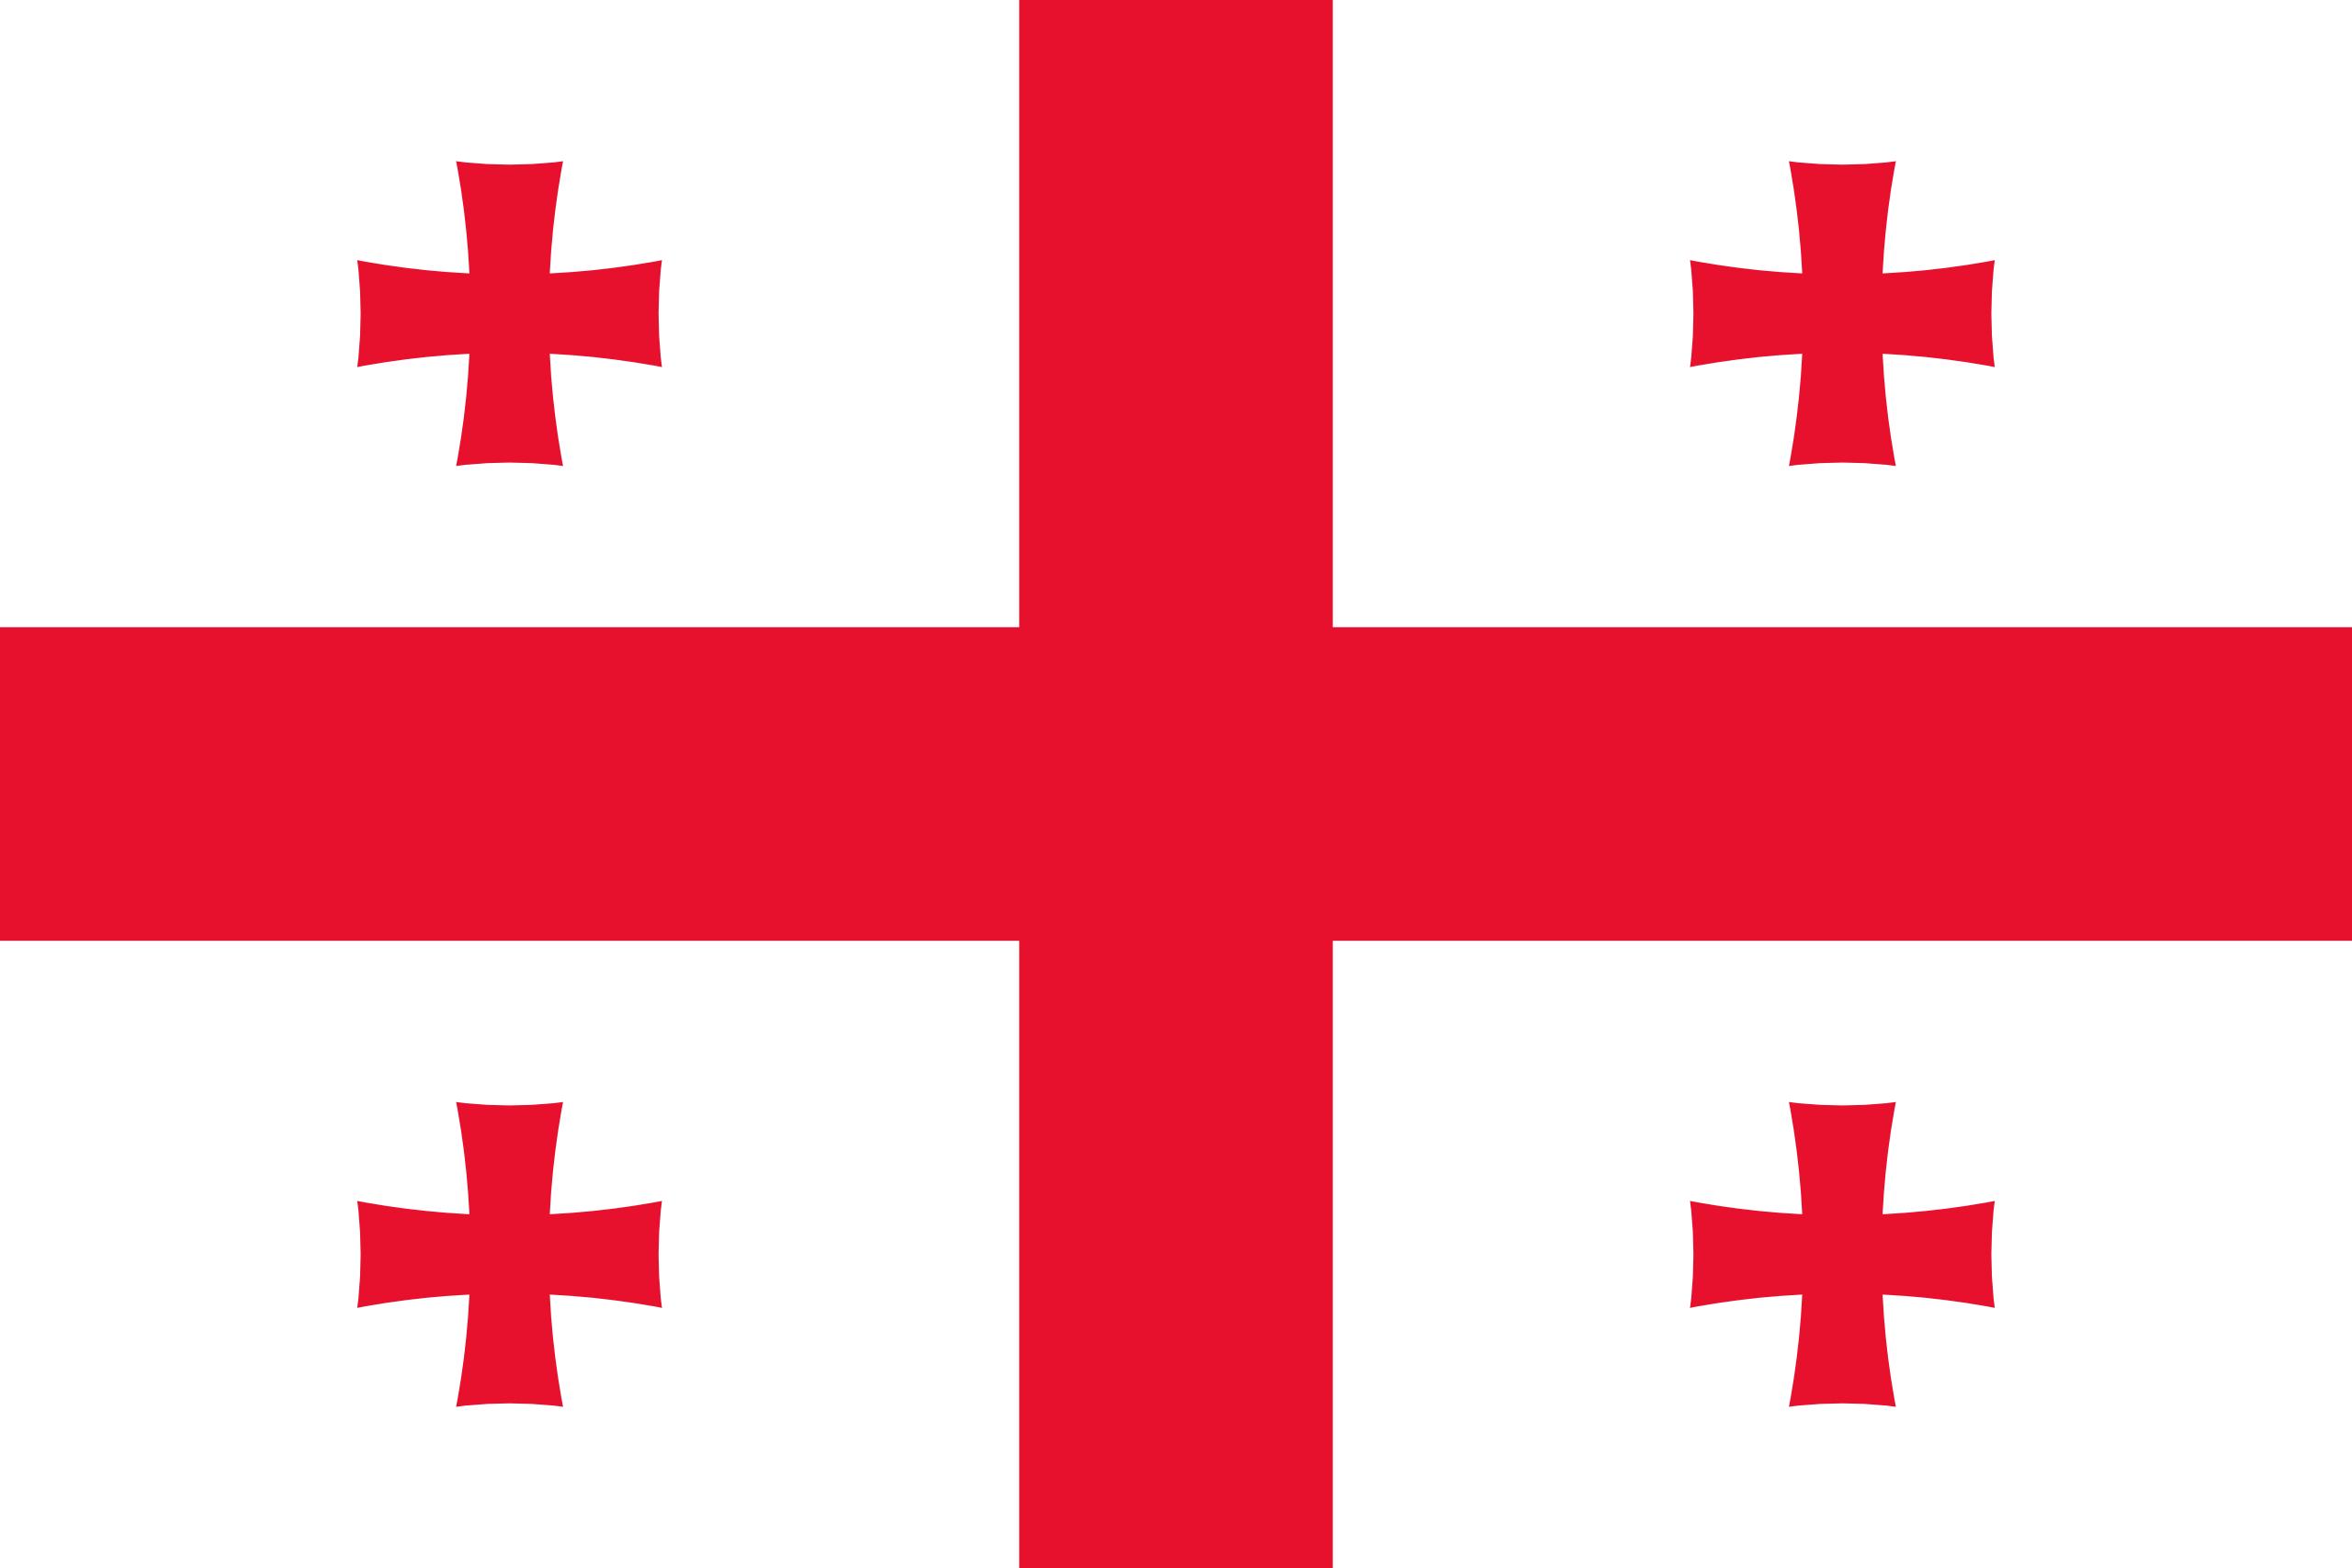 Geórgia, país, Brasão de armas, logotipo, símbolo - Papéis de parede HD - Professor-falken.com